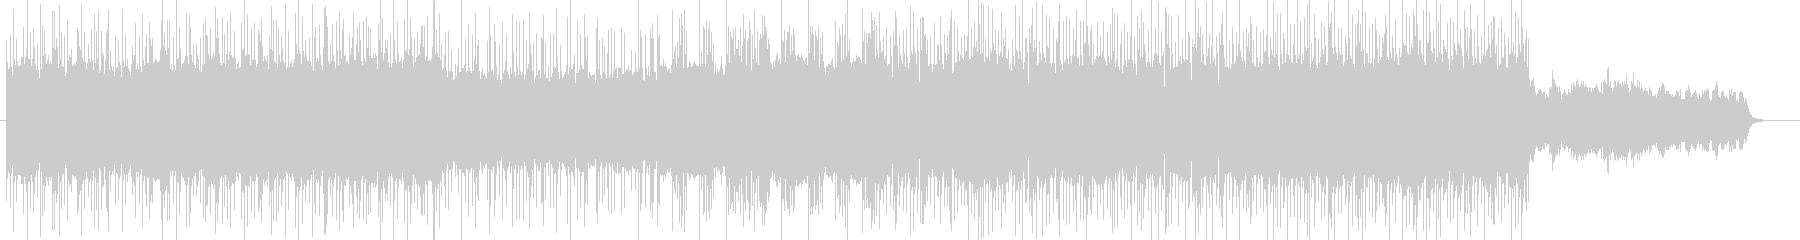 「ハードロック/ロック」BGM83の未再生の波形